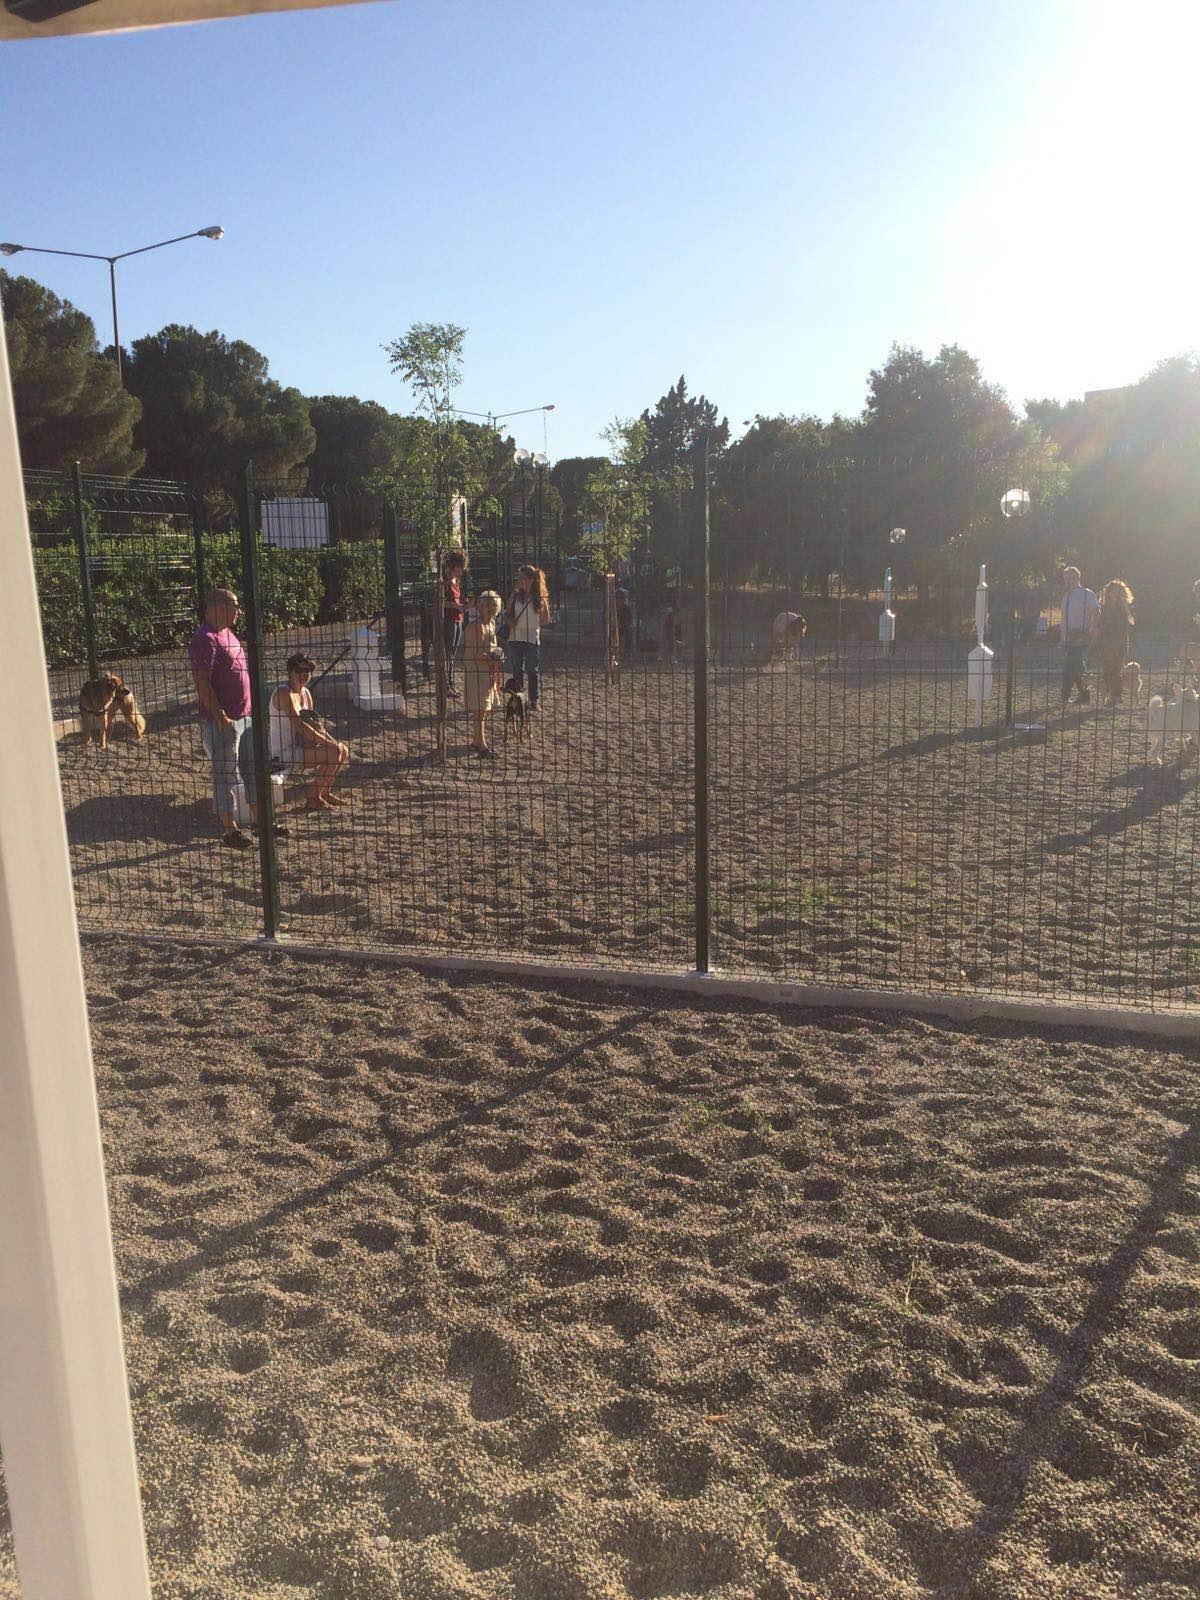 Bari, inaugurata a Poggiofranco la nuova area per gli amici a 4 zampe